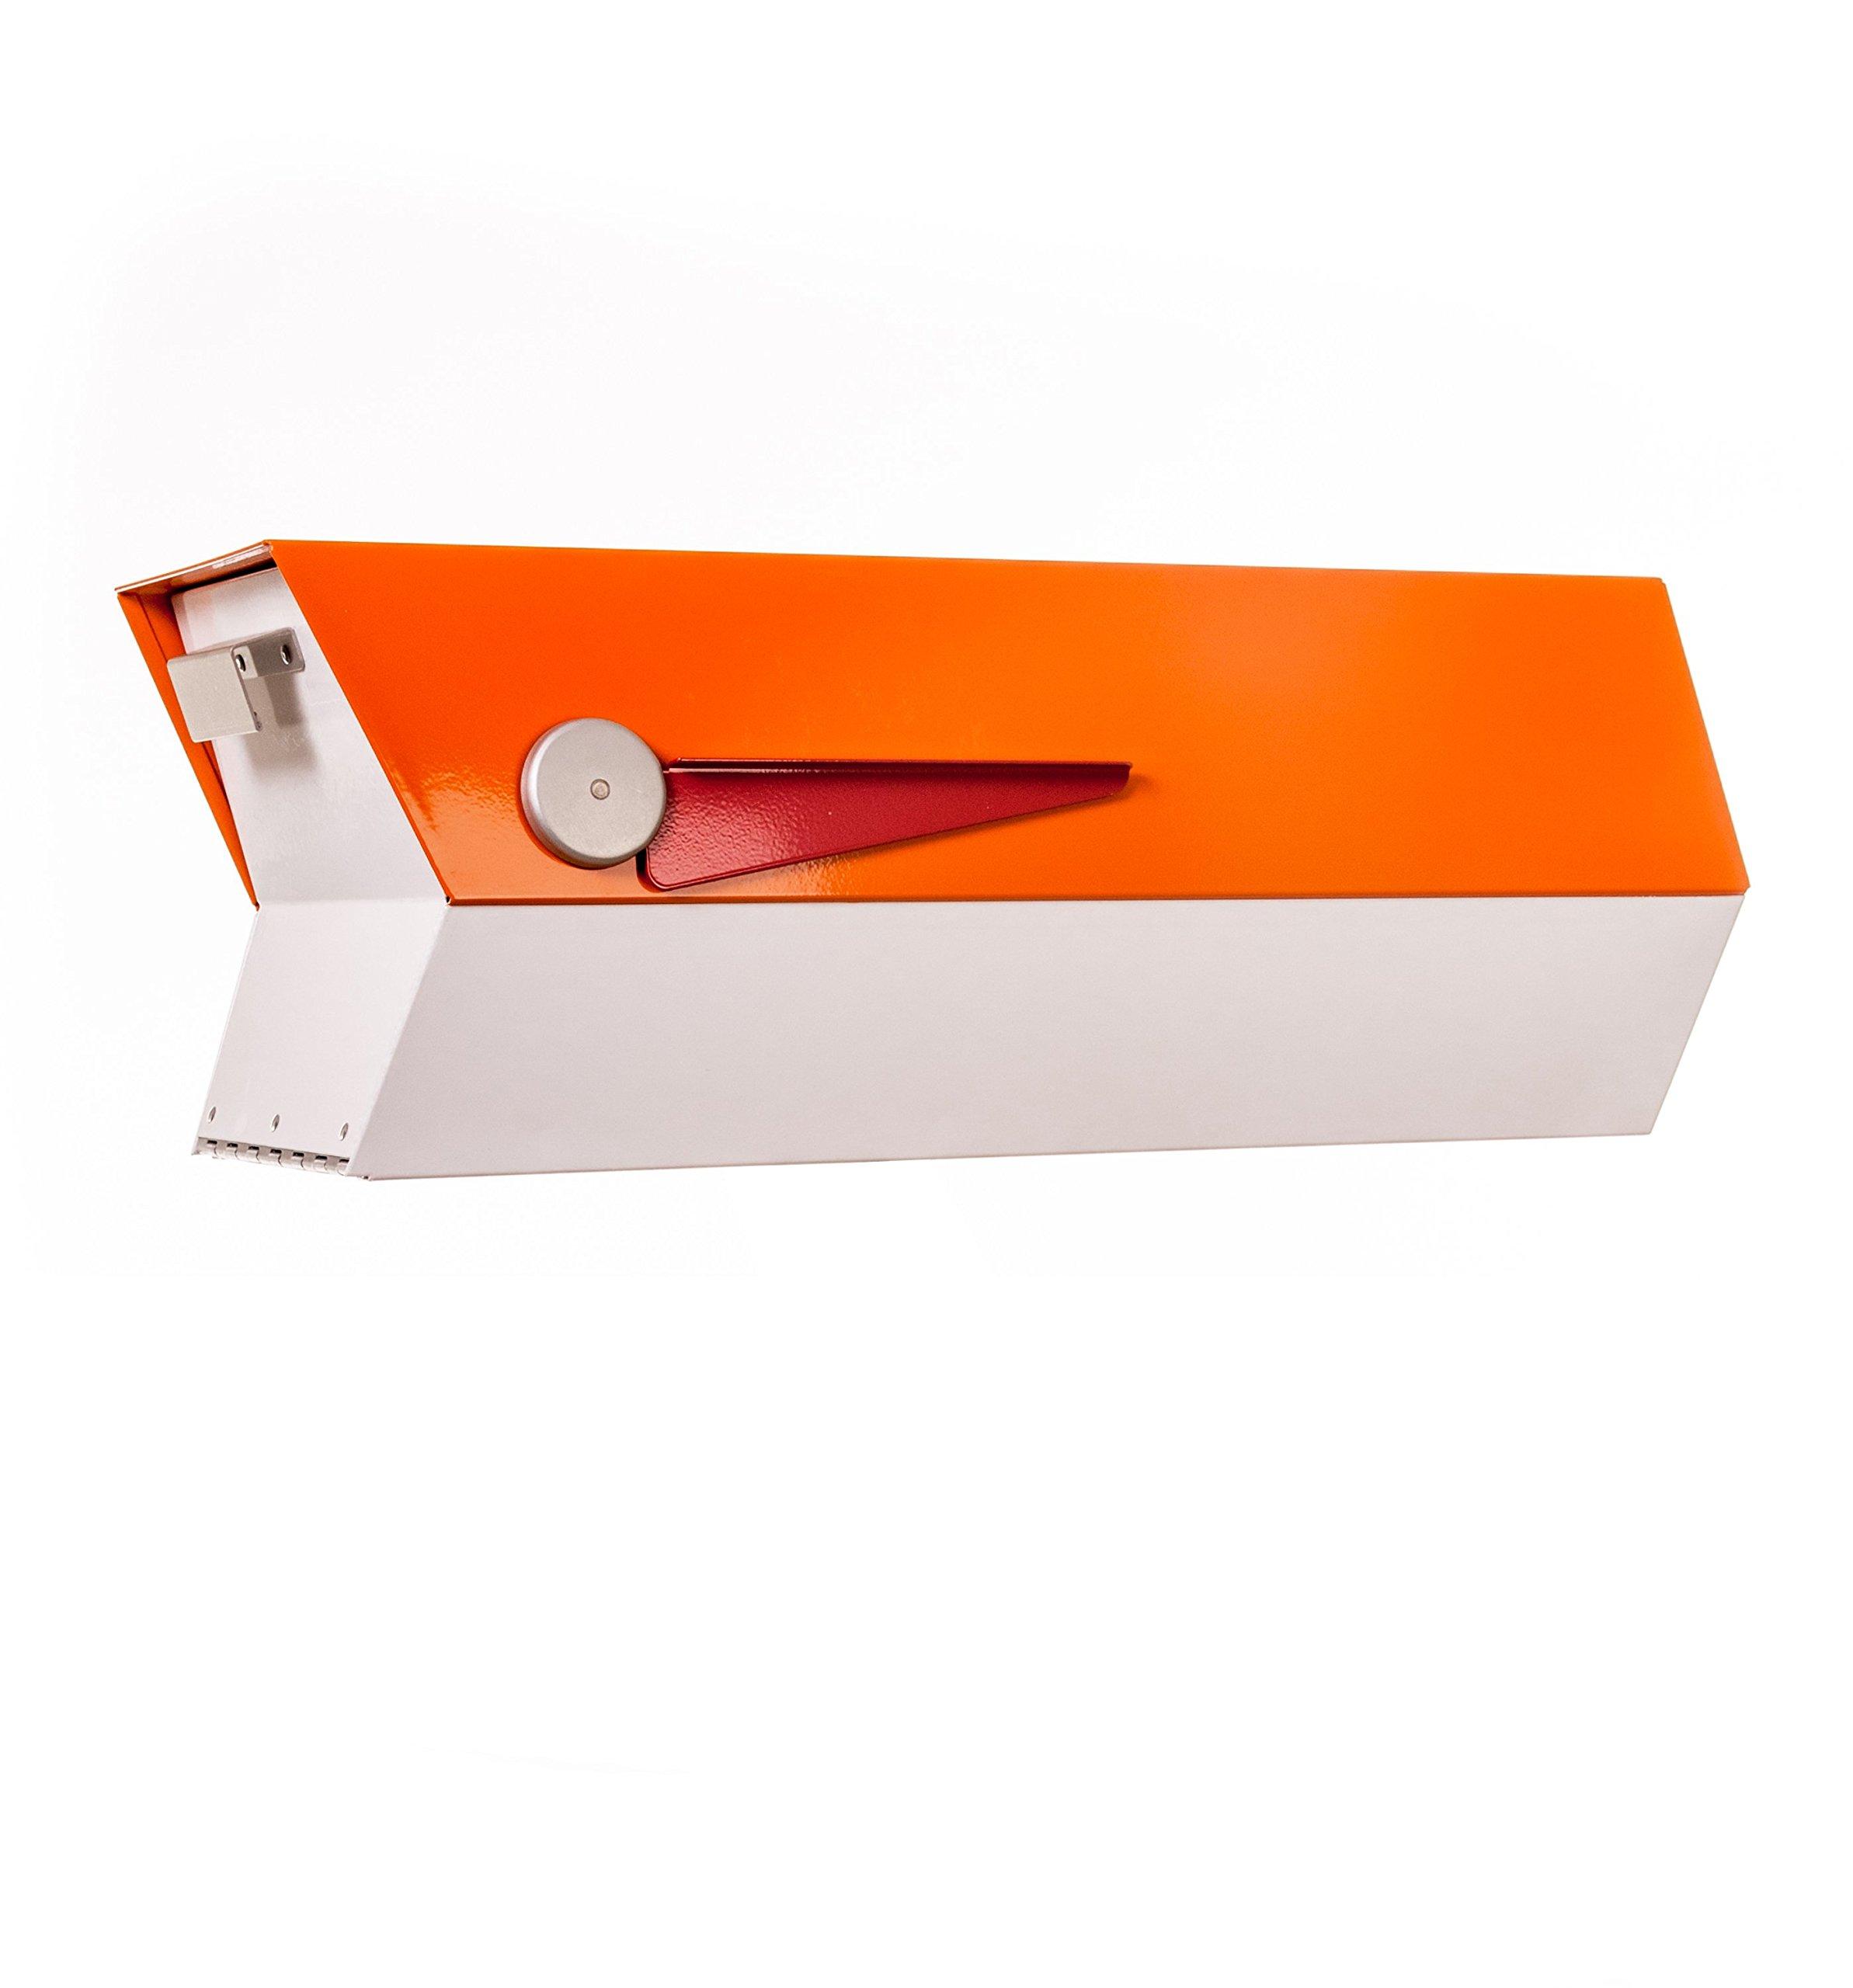 Mid-Century Modern Mailbox | modbox (orange/white)